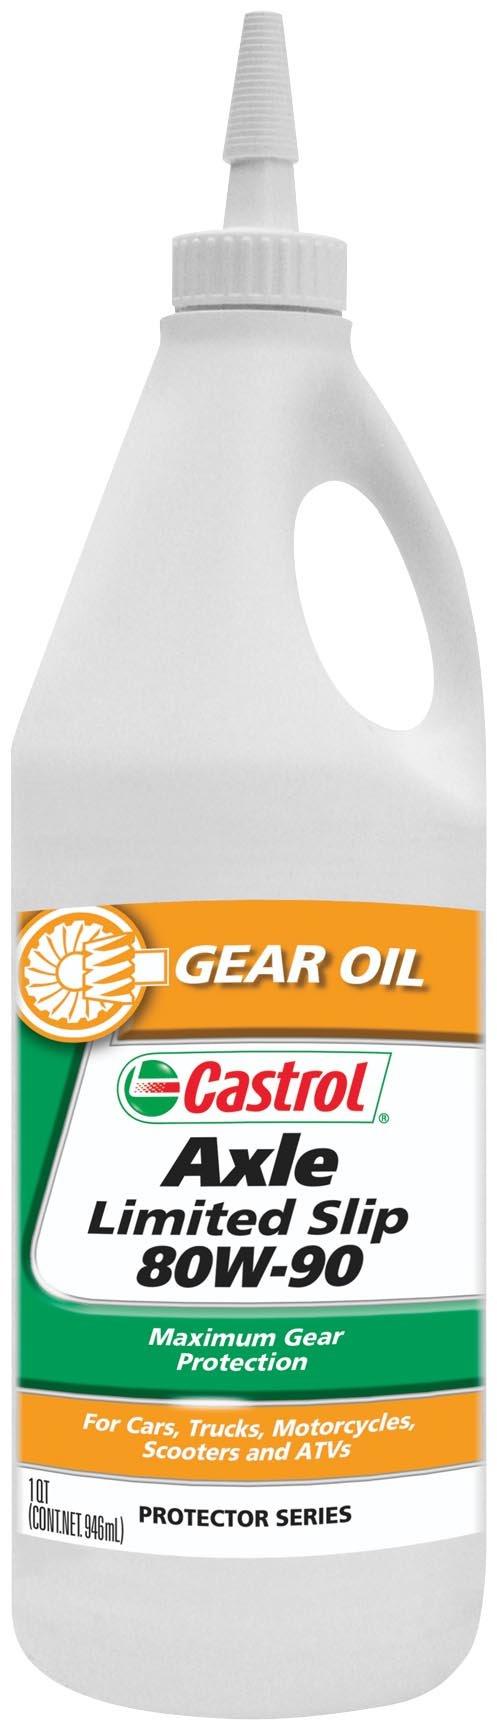 Castrol Axle Limited Slip Gear Oil - 80W-90 - 1 Liter 12612